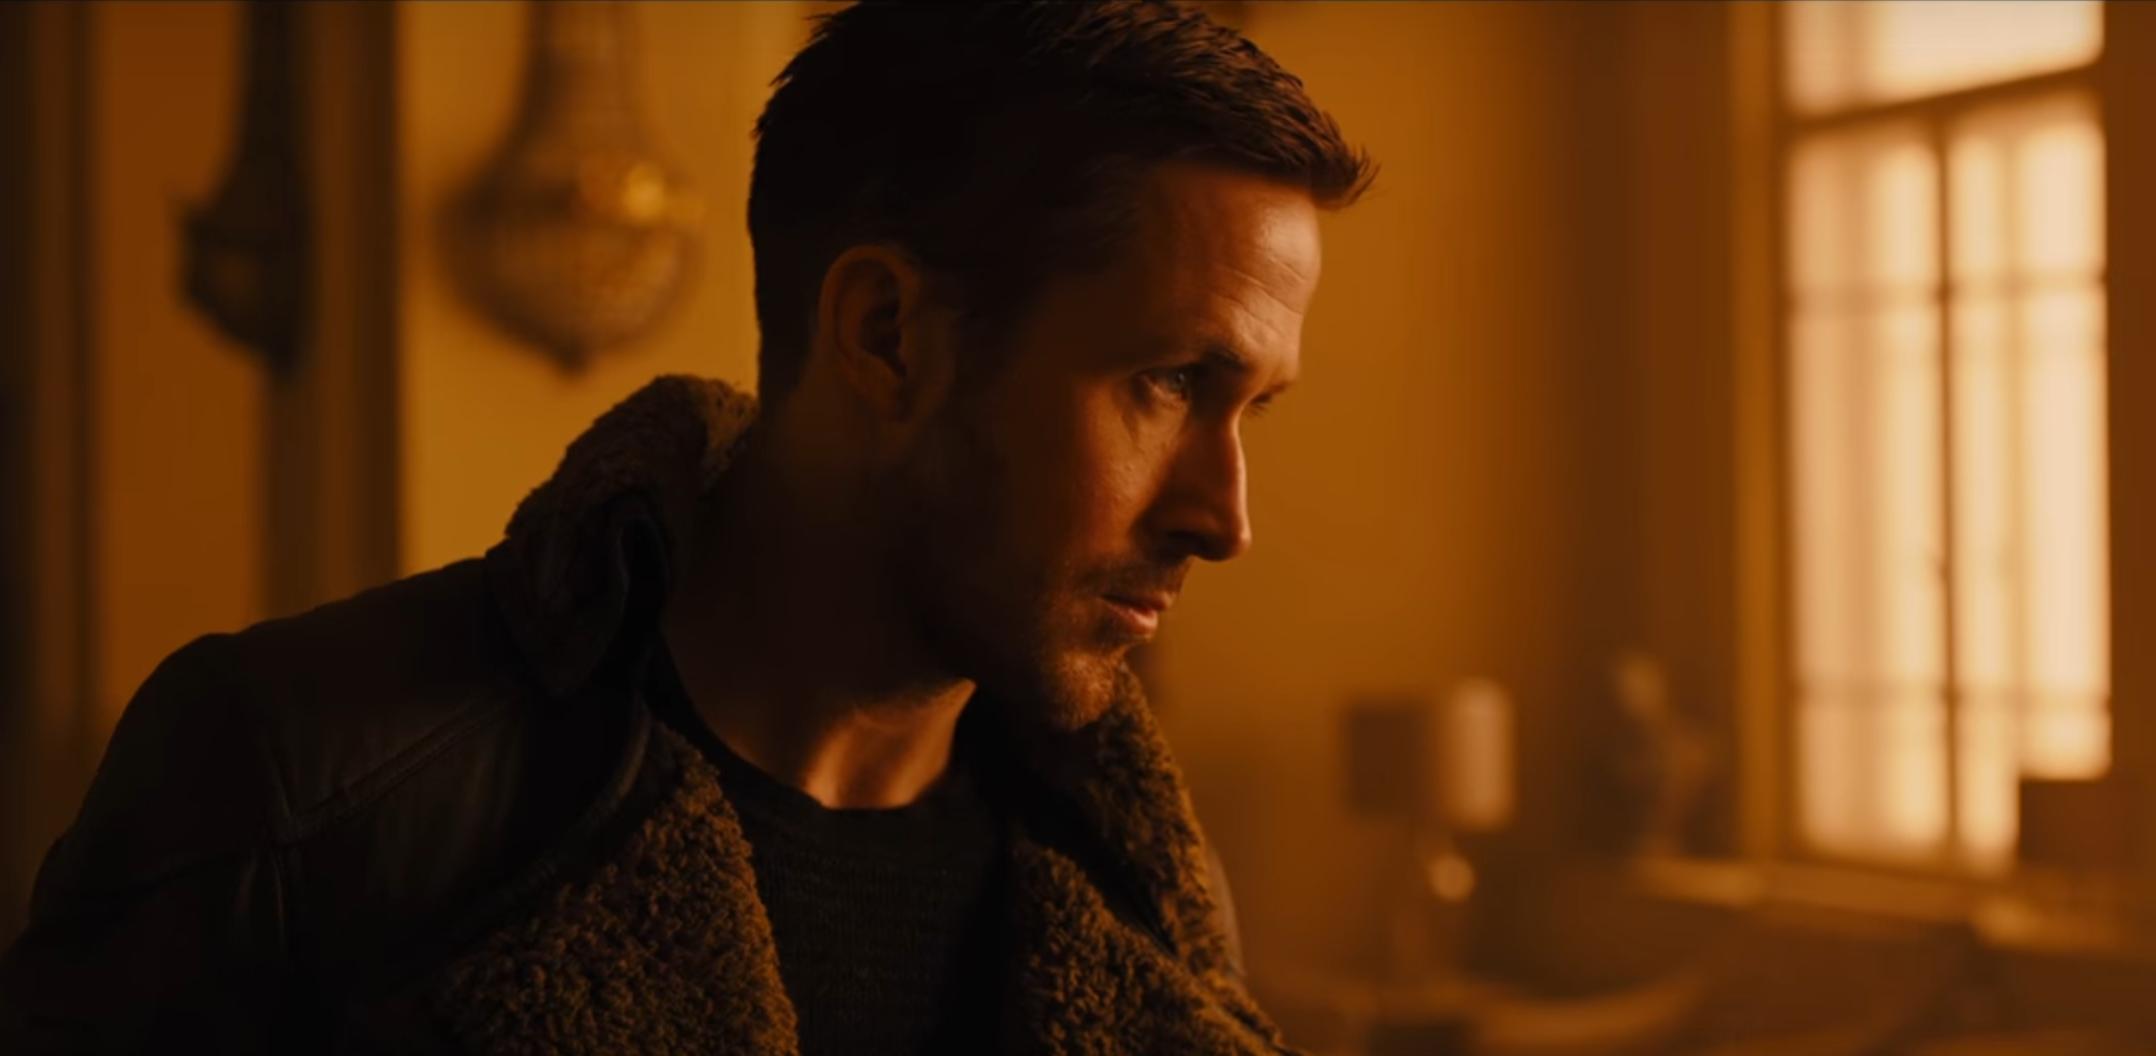 Blade Runner 2049'dan ilk teaser